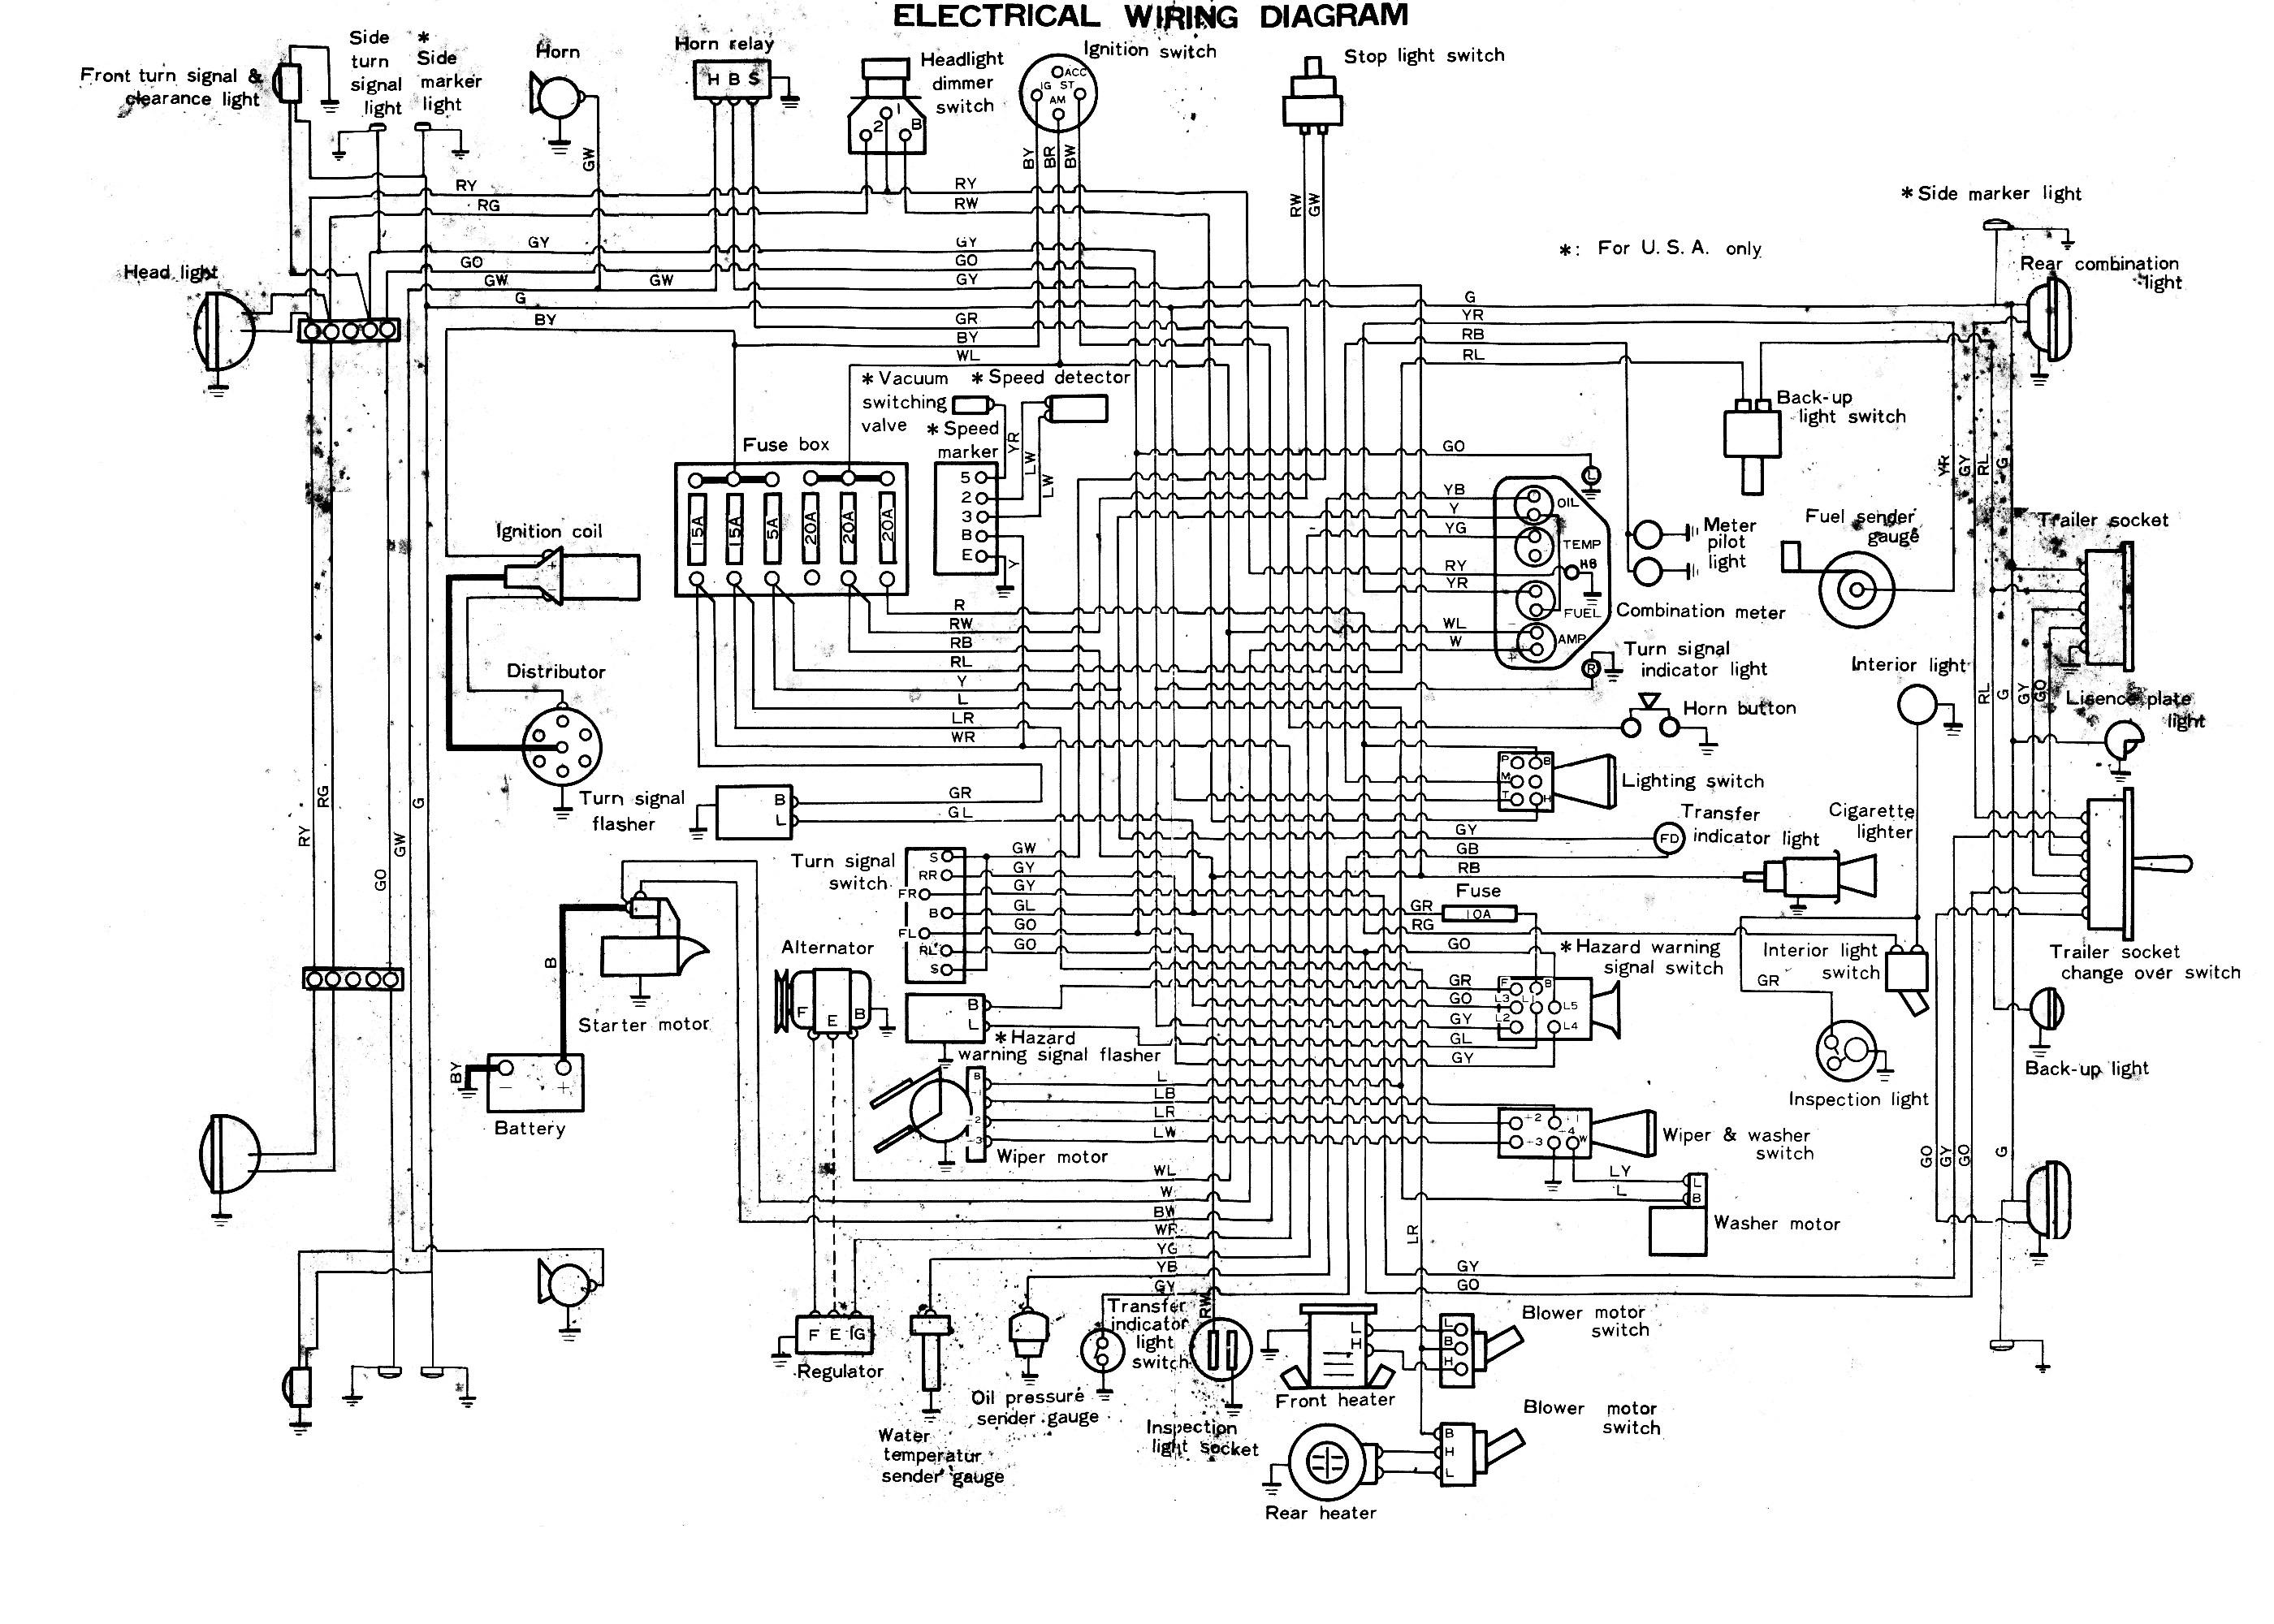 Suzuki Swift Wiring Diagram On Suzuki Images Free Download Images